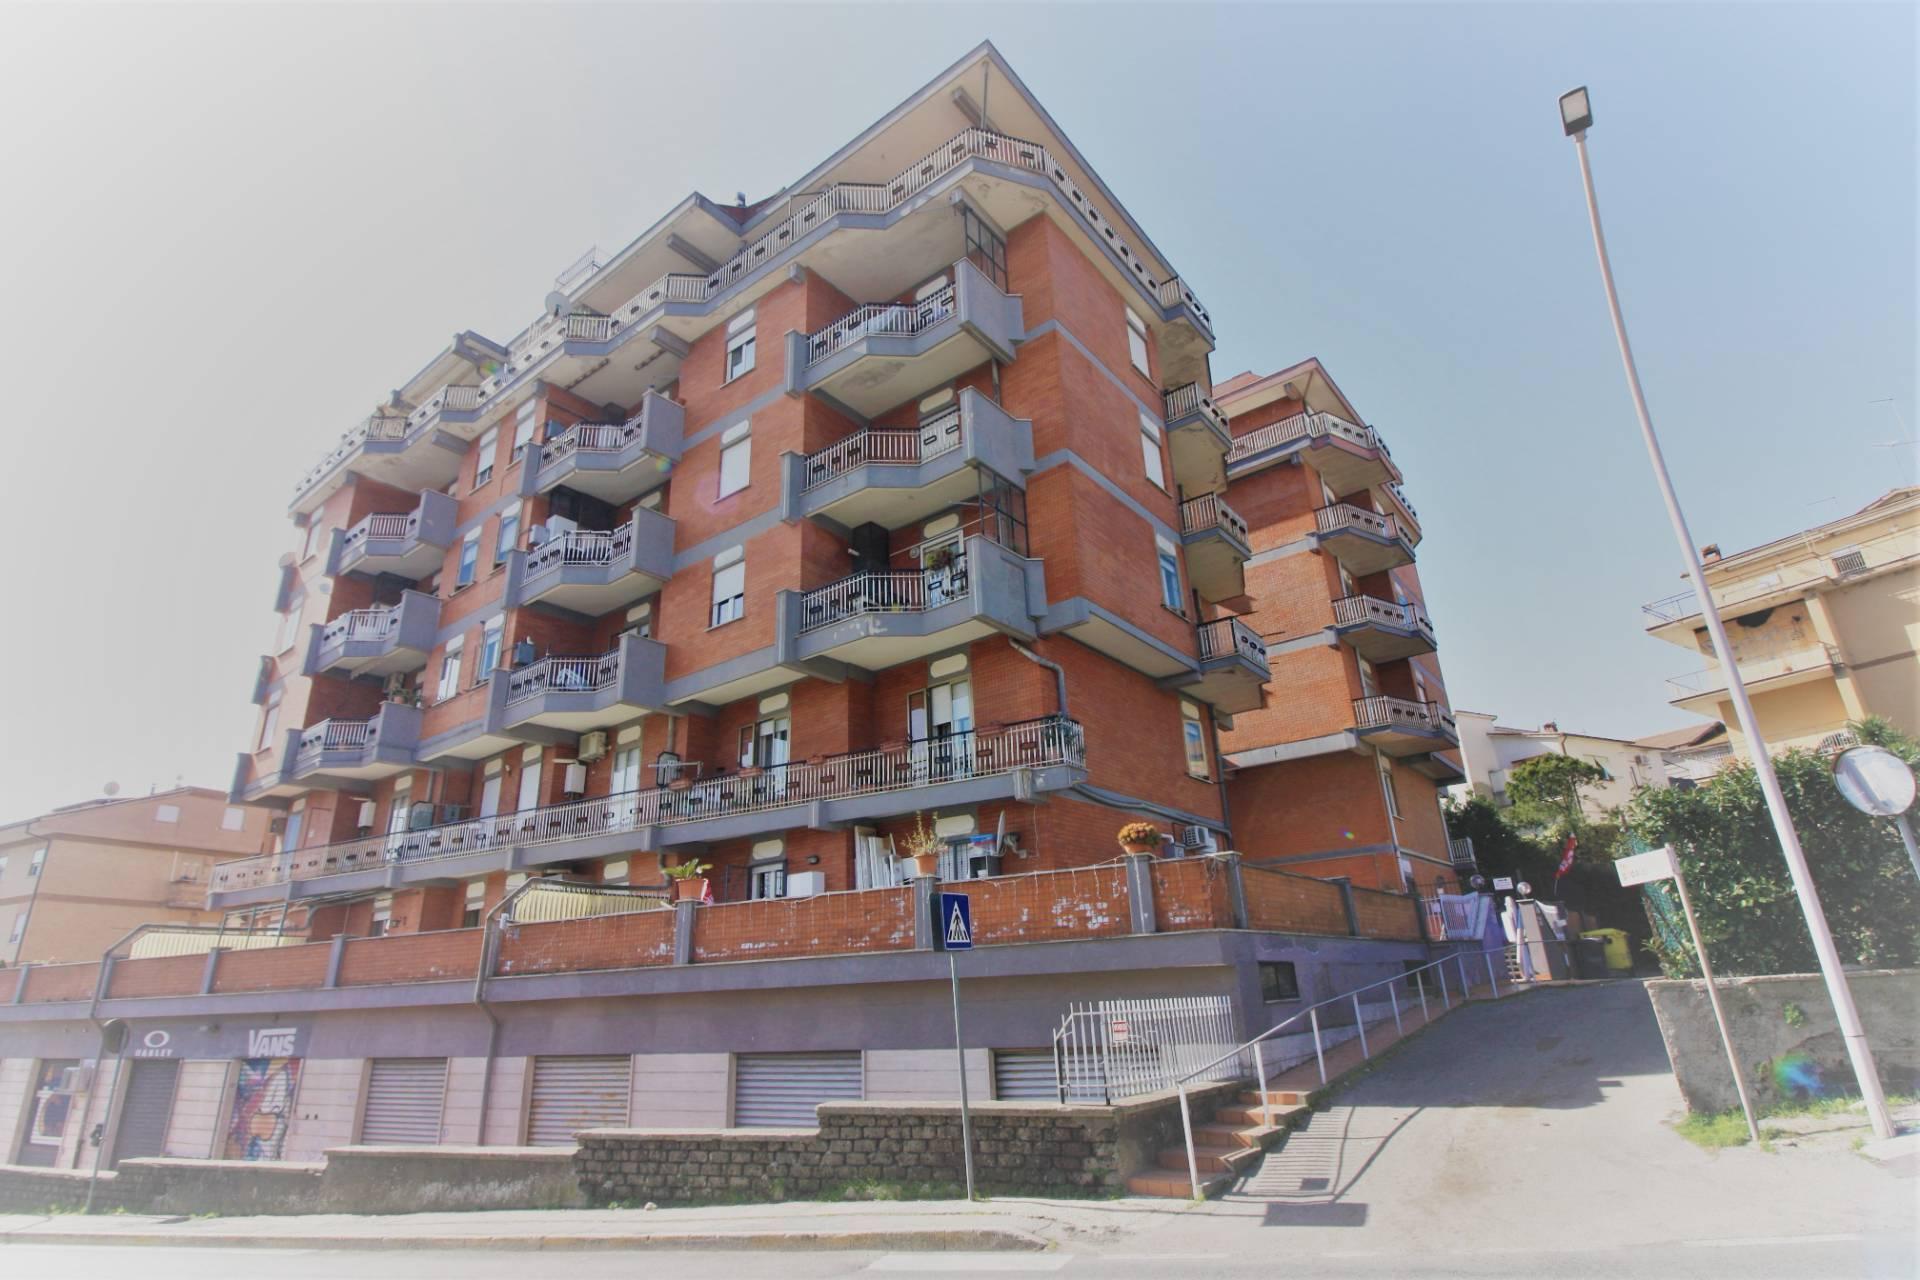 Appartamento in vendita a Ronciglione, 7 locali, zona Località: semi-centrale, prezzo € 92.000 | CambioCasa.it